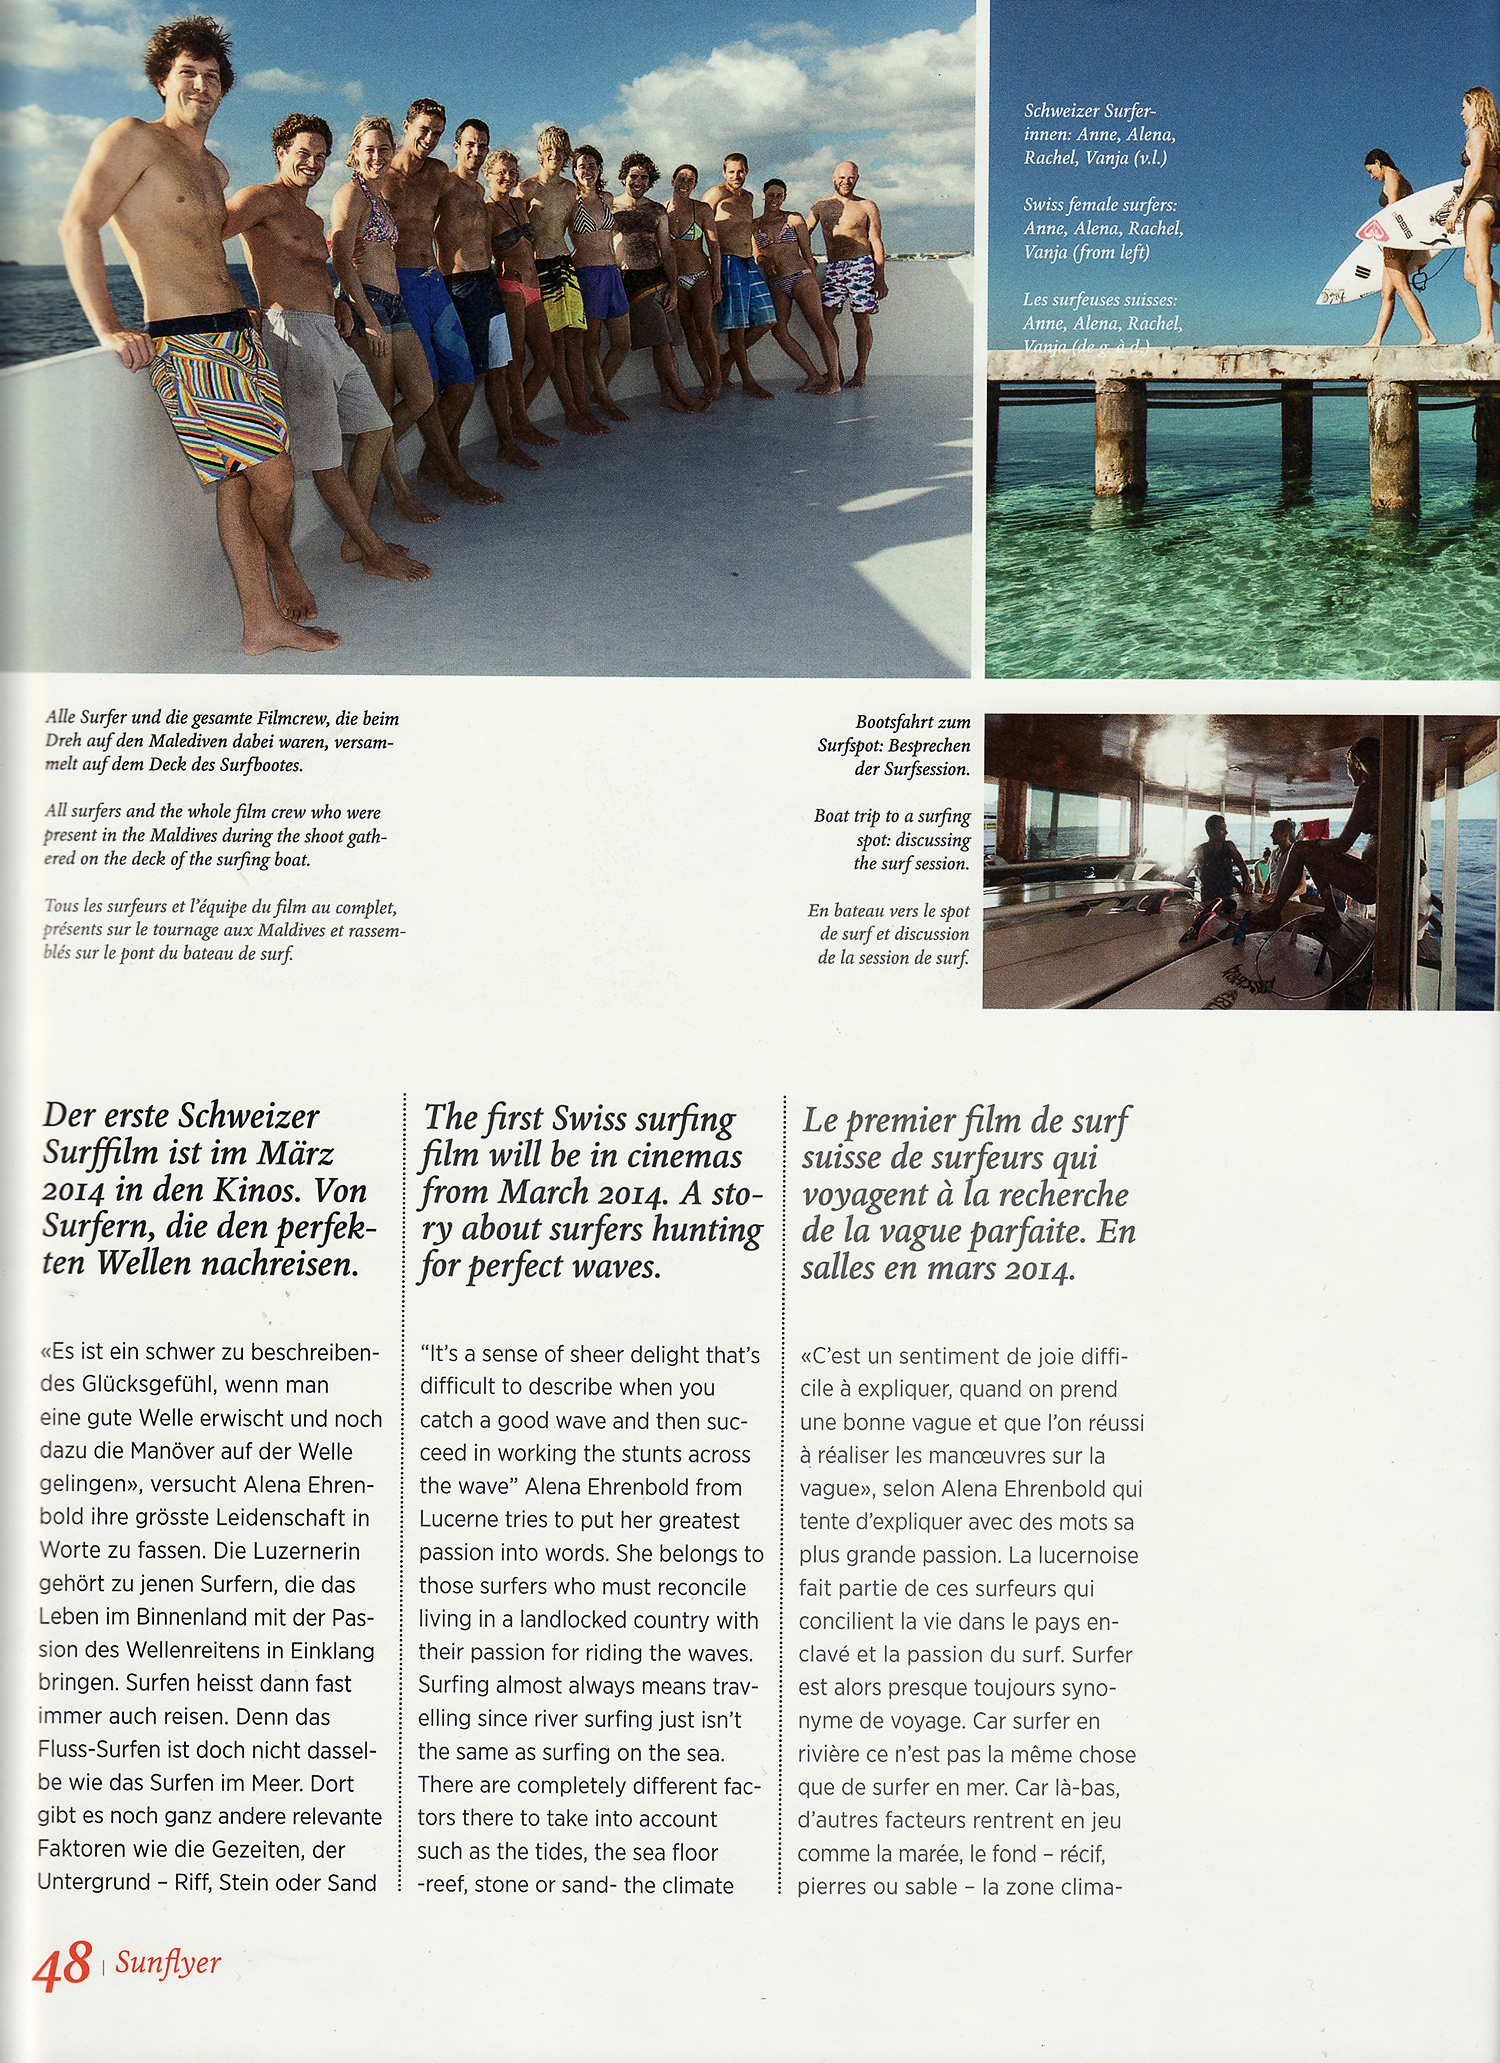 2013-11_EdelweissAir-Seite3_A4-300dpi.jpg